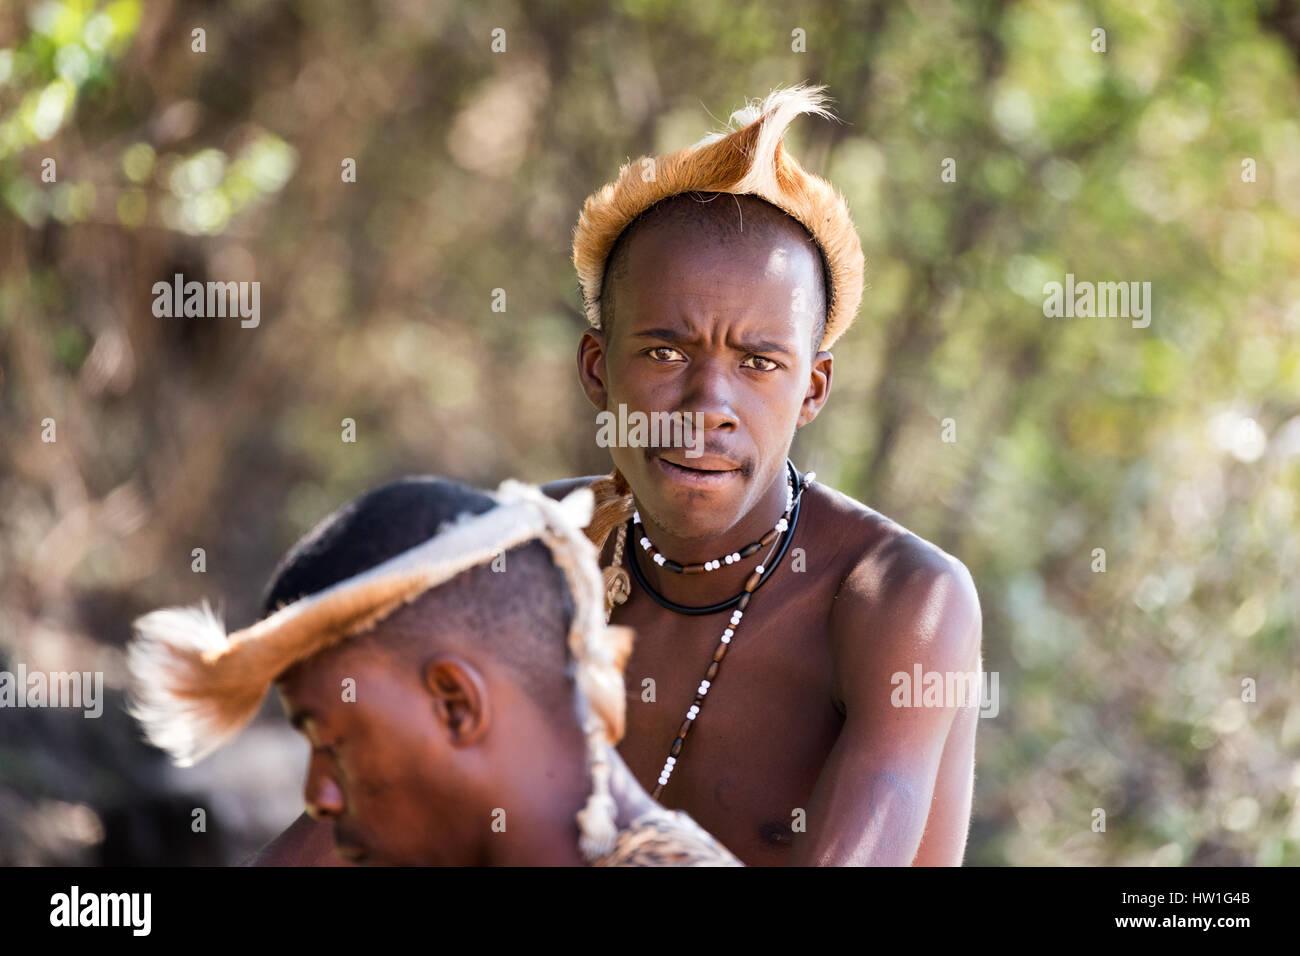 Villaggio Culturale di Lesedi, SUD AFRICA - 4 Novembre 2016: Zulu tribesmen indossando impala pelle copricapo. Zulu è uno dei cinque principali tribù del Sud Af Foto Stock